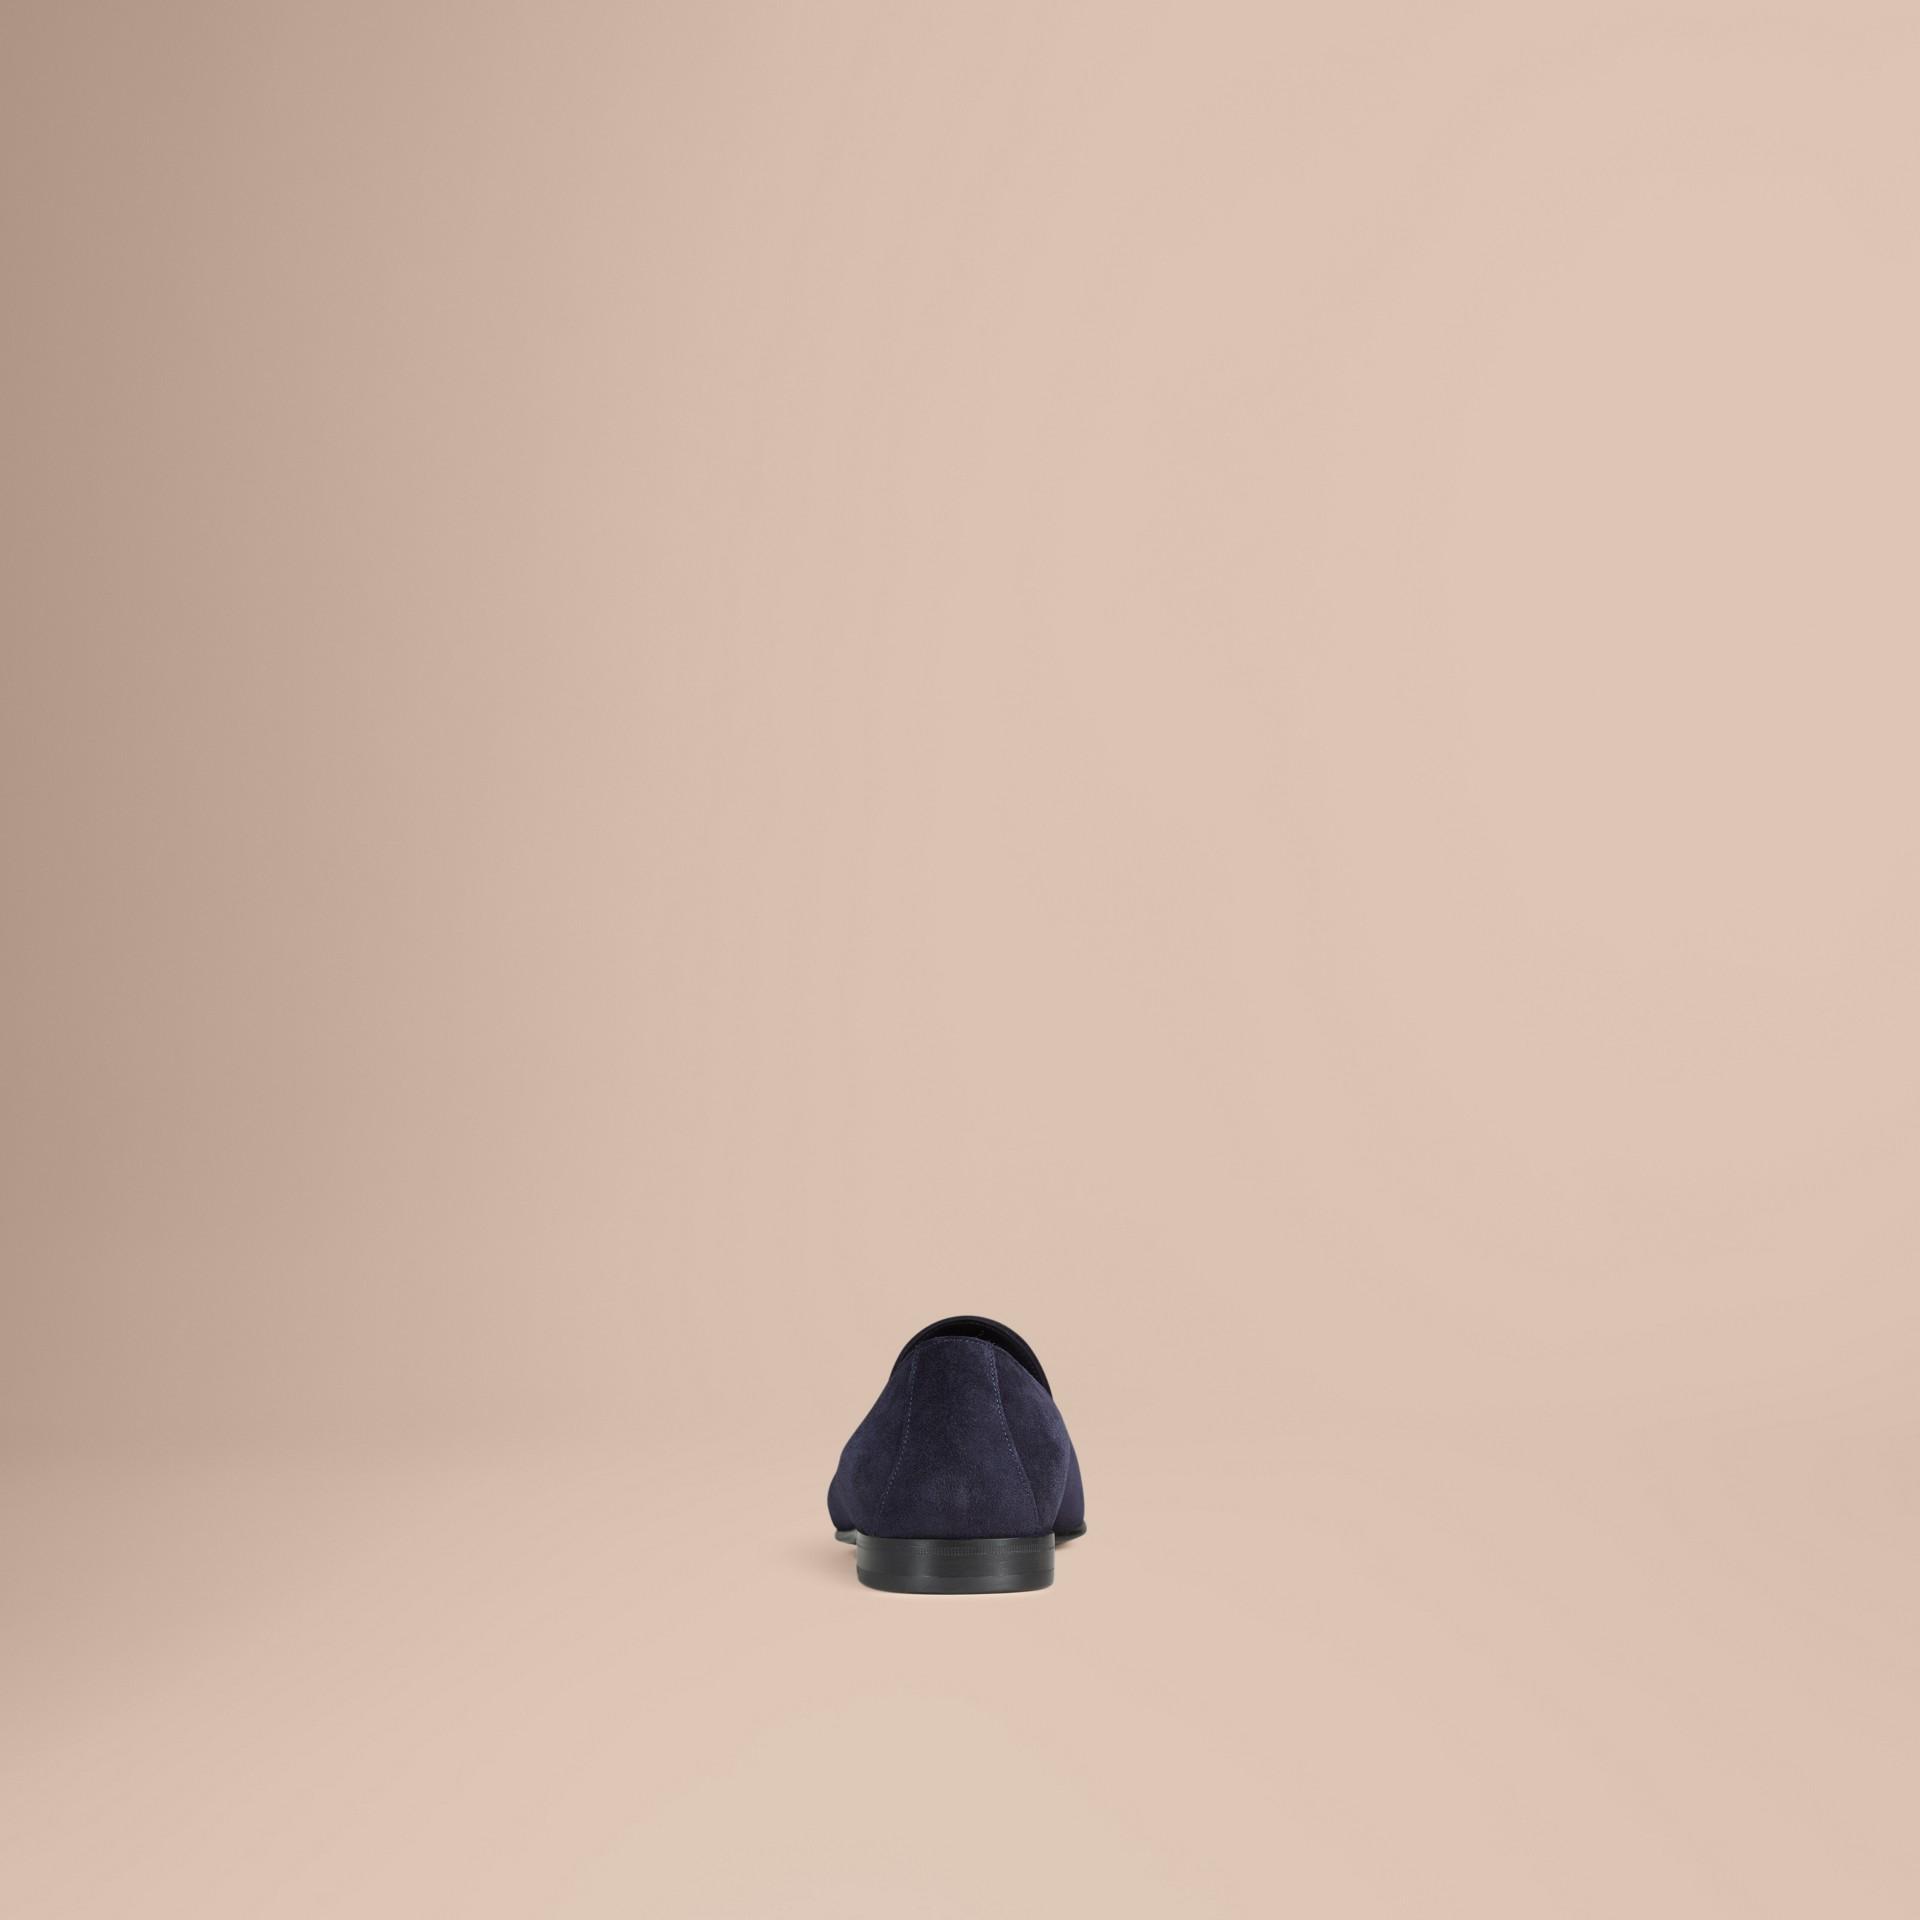 Blu notte/navy Mocassini con nappe in pelle scamosciata a taglio intero Blu Notte/navy - immagine della galleria 4